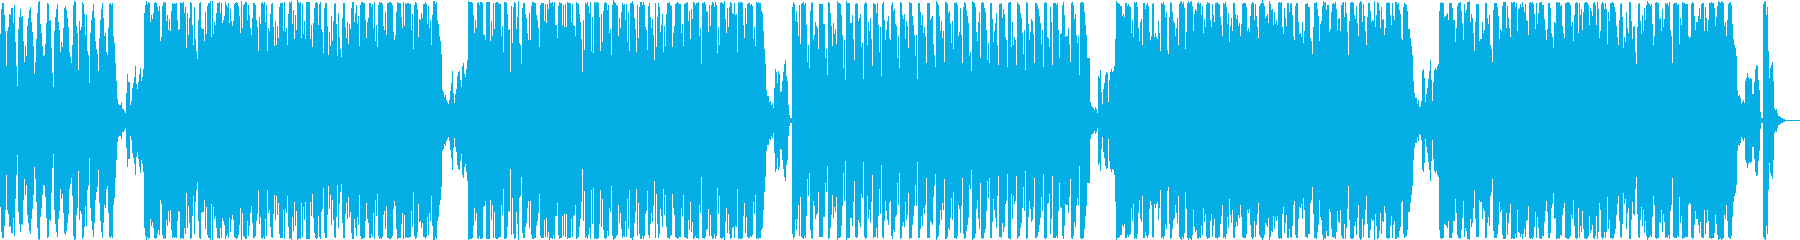 サンバ・デ・ジャネイロのようなBGMの再生済みの波形